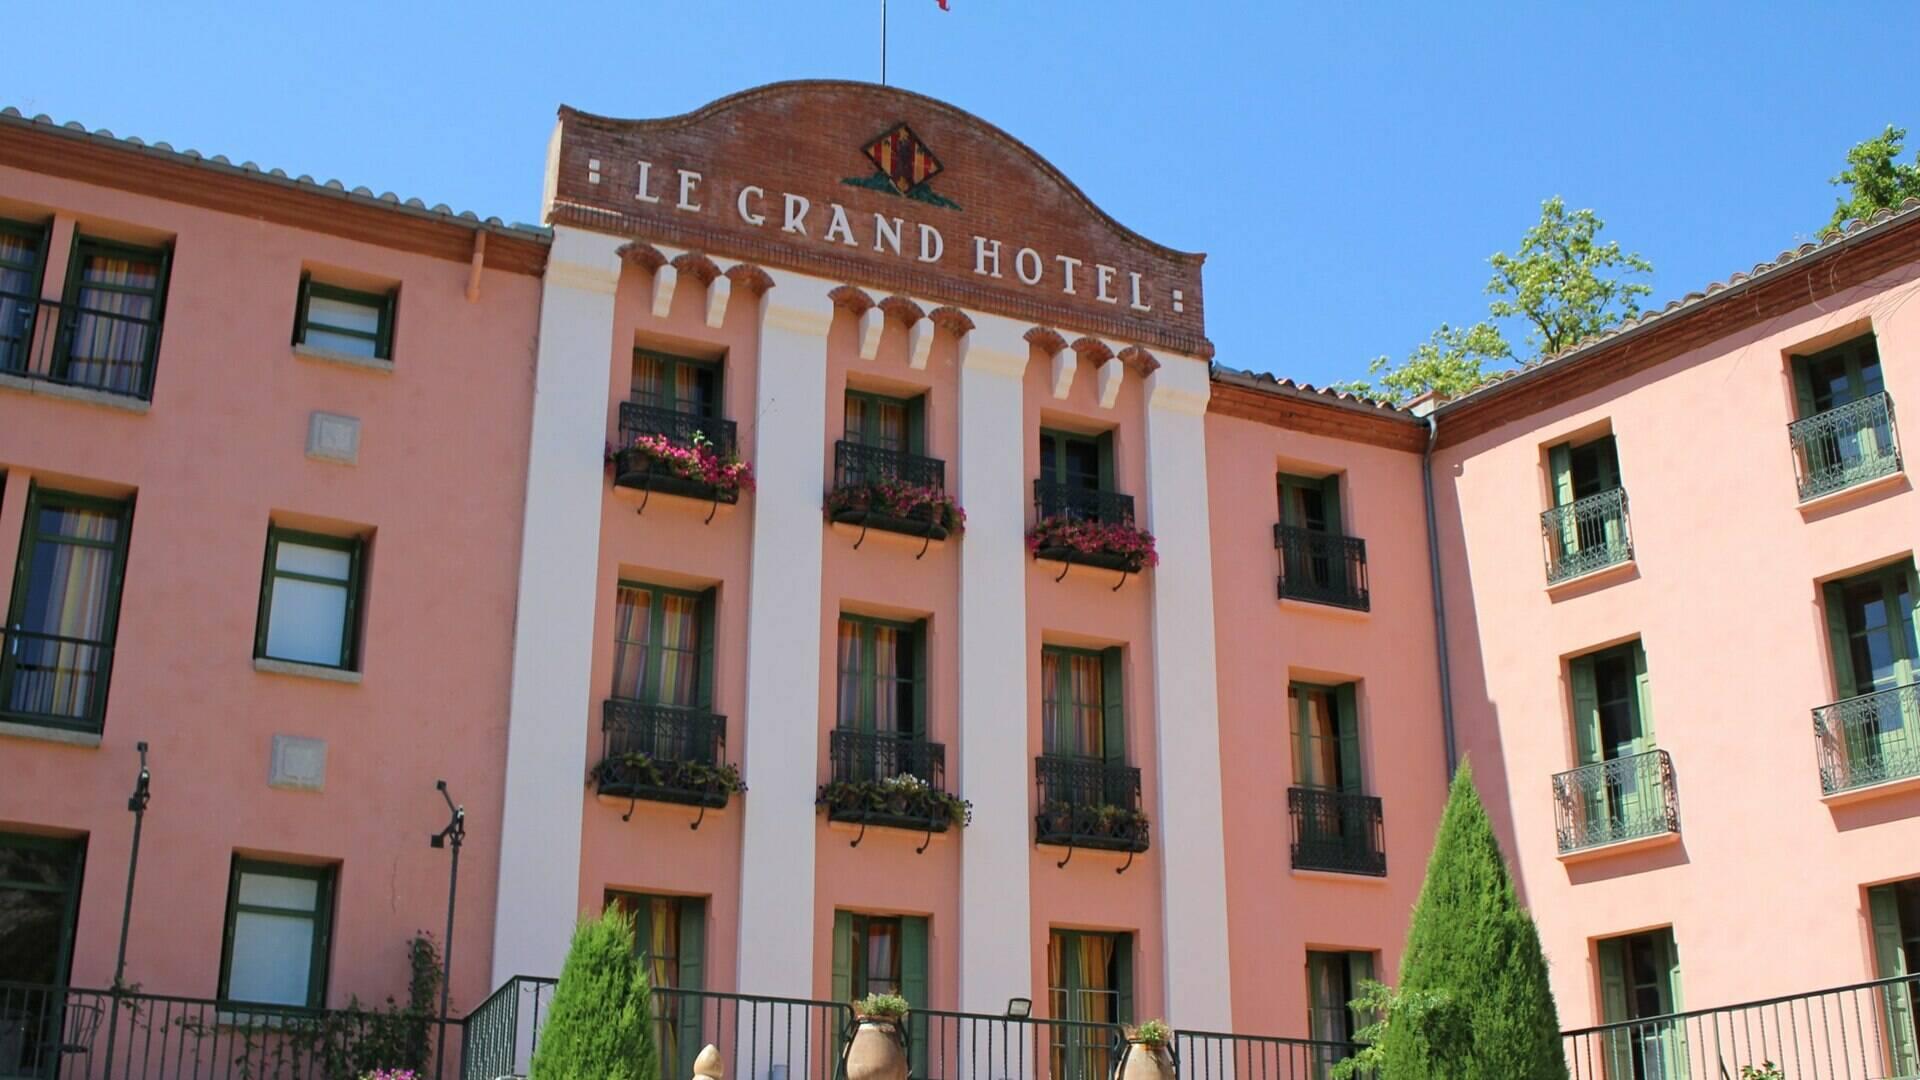 Le Grand hôtel des Thermes de Molitg les Bains